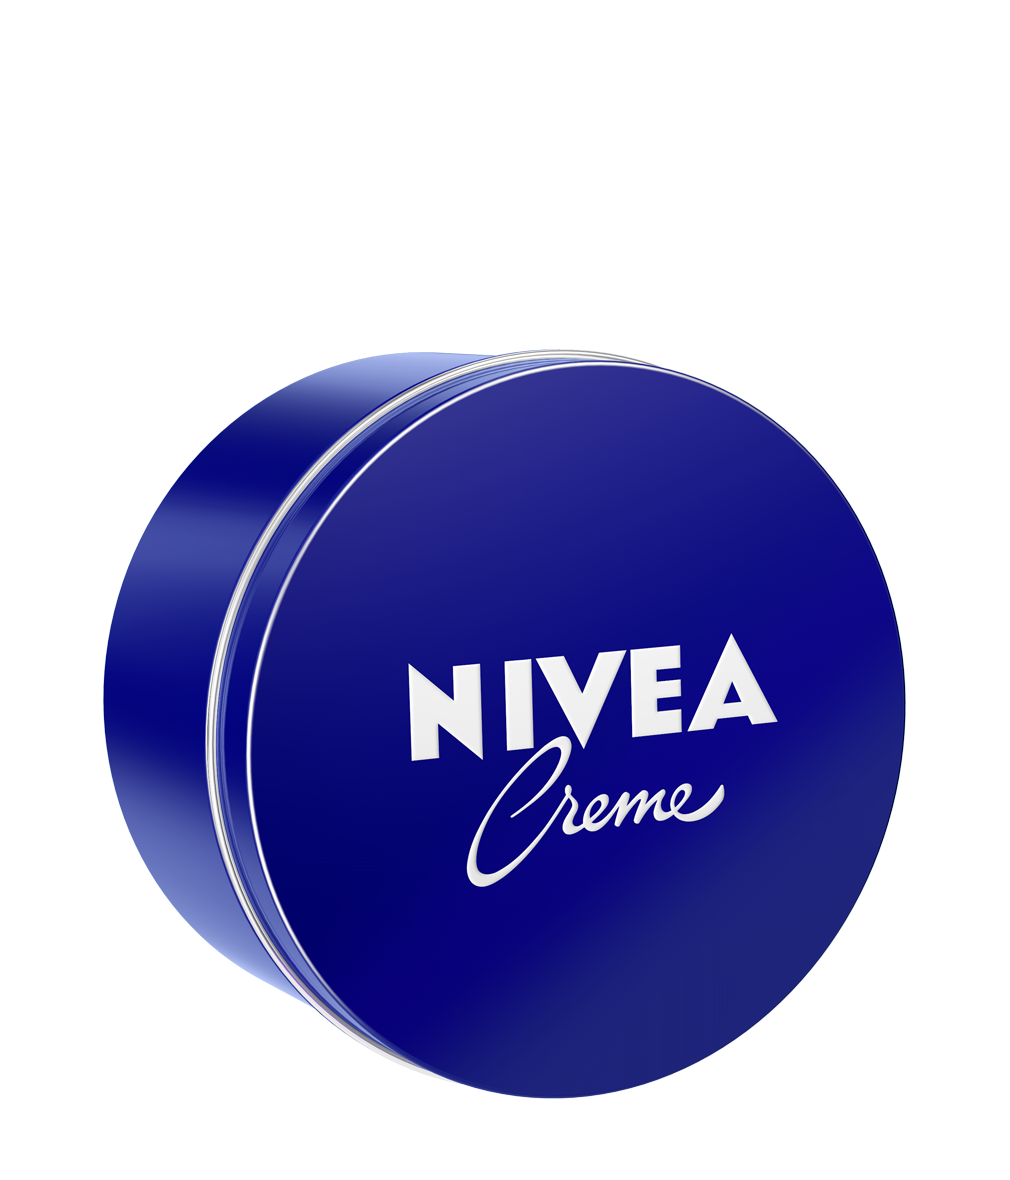 Die unkomplizierte NIVEA Creme für alle Hauttypen. Nivea